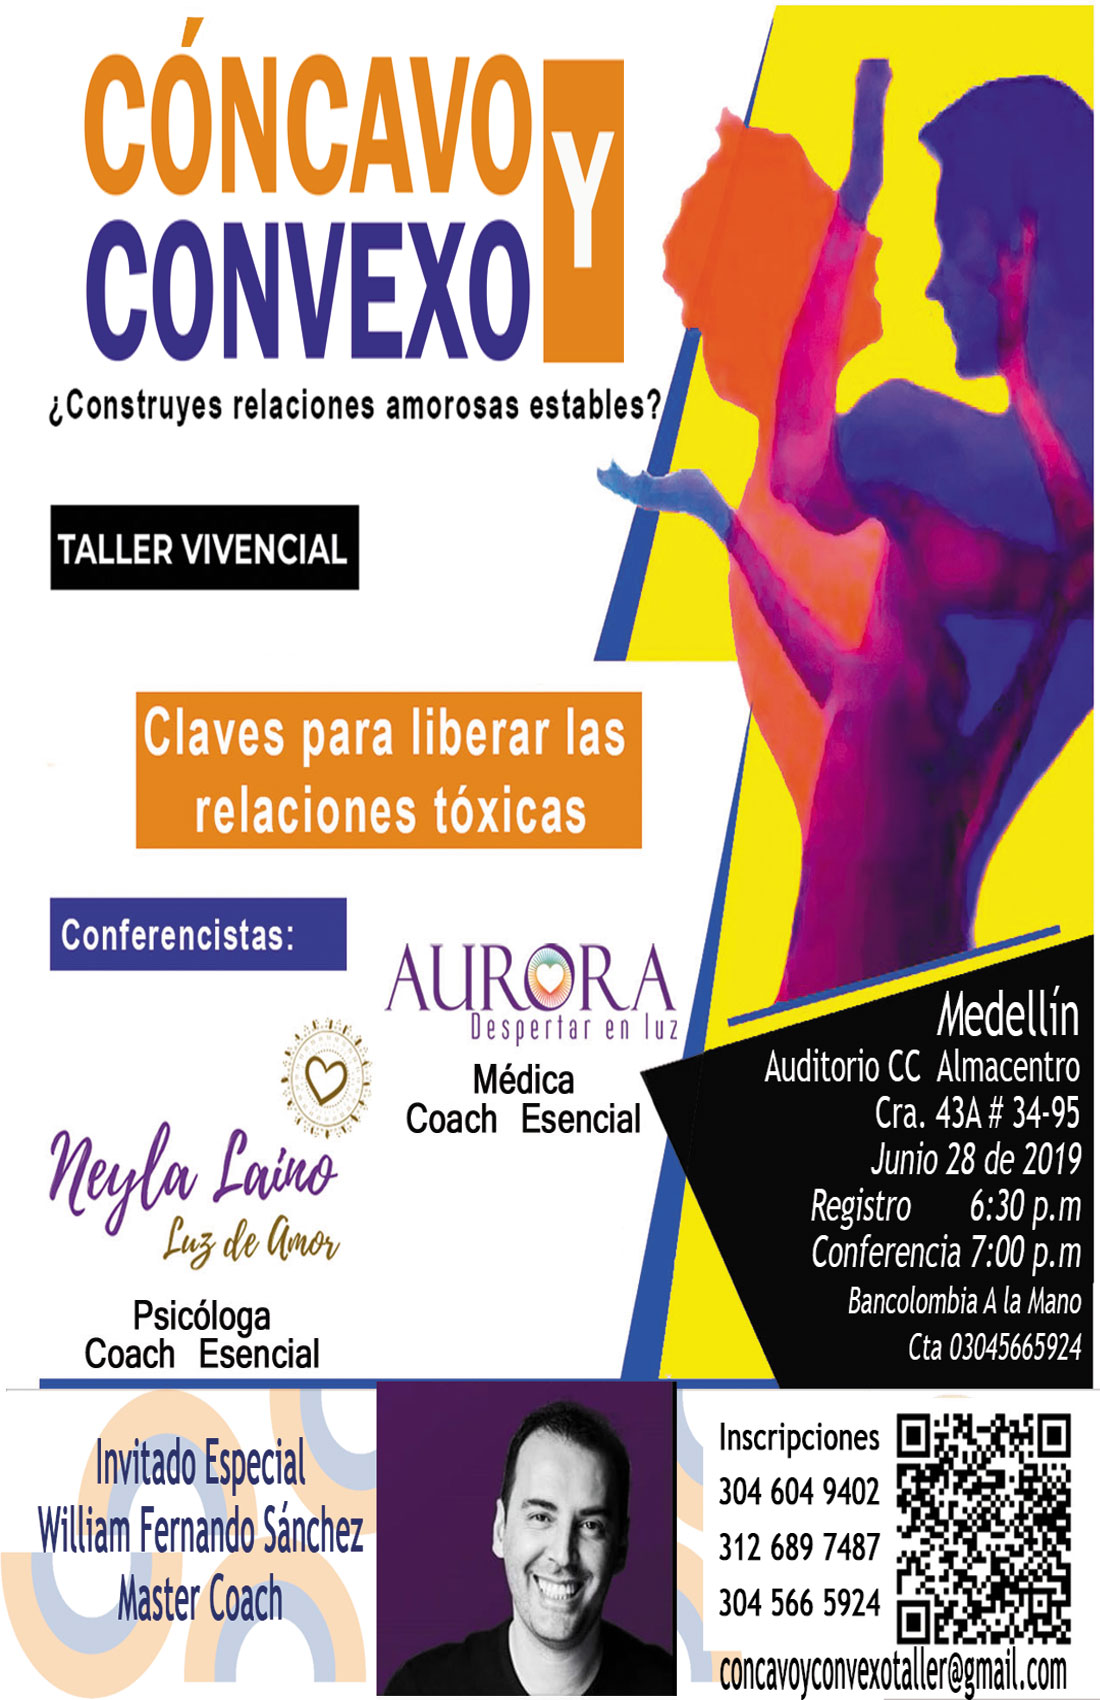 CONCAVO Y CONVEXO